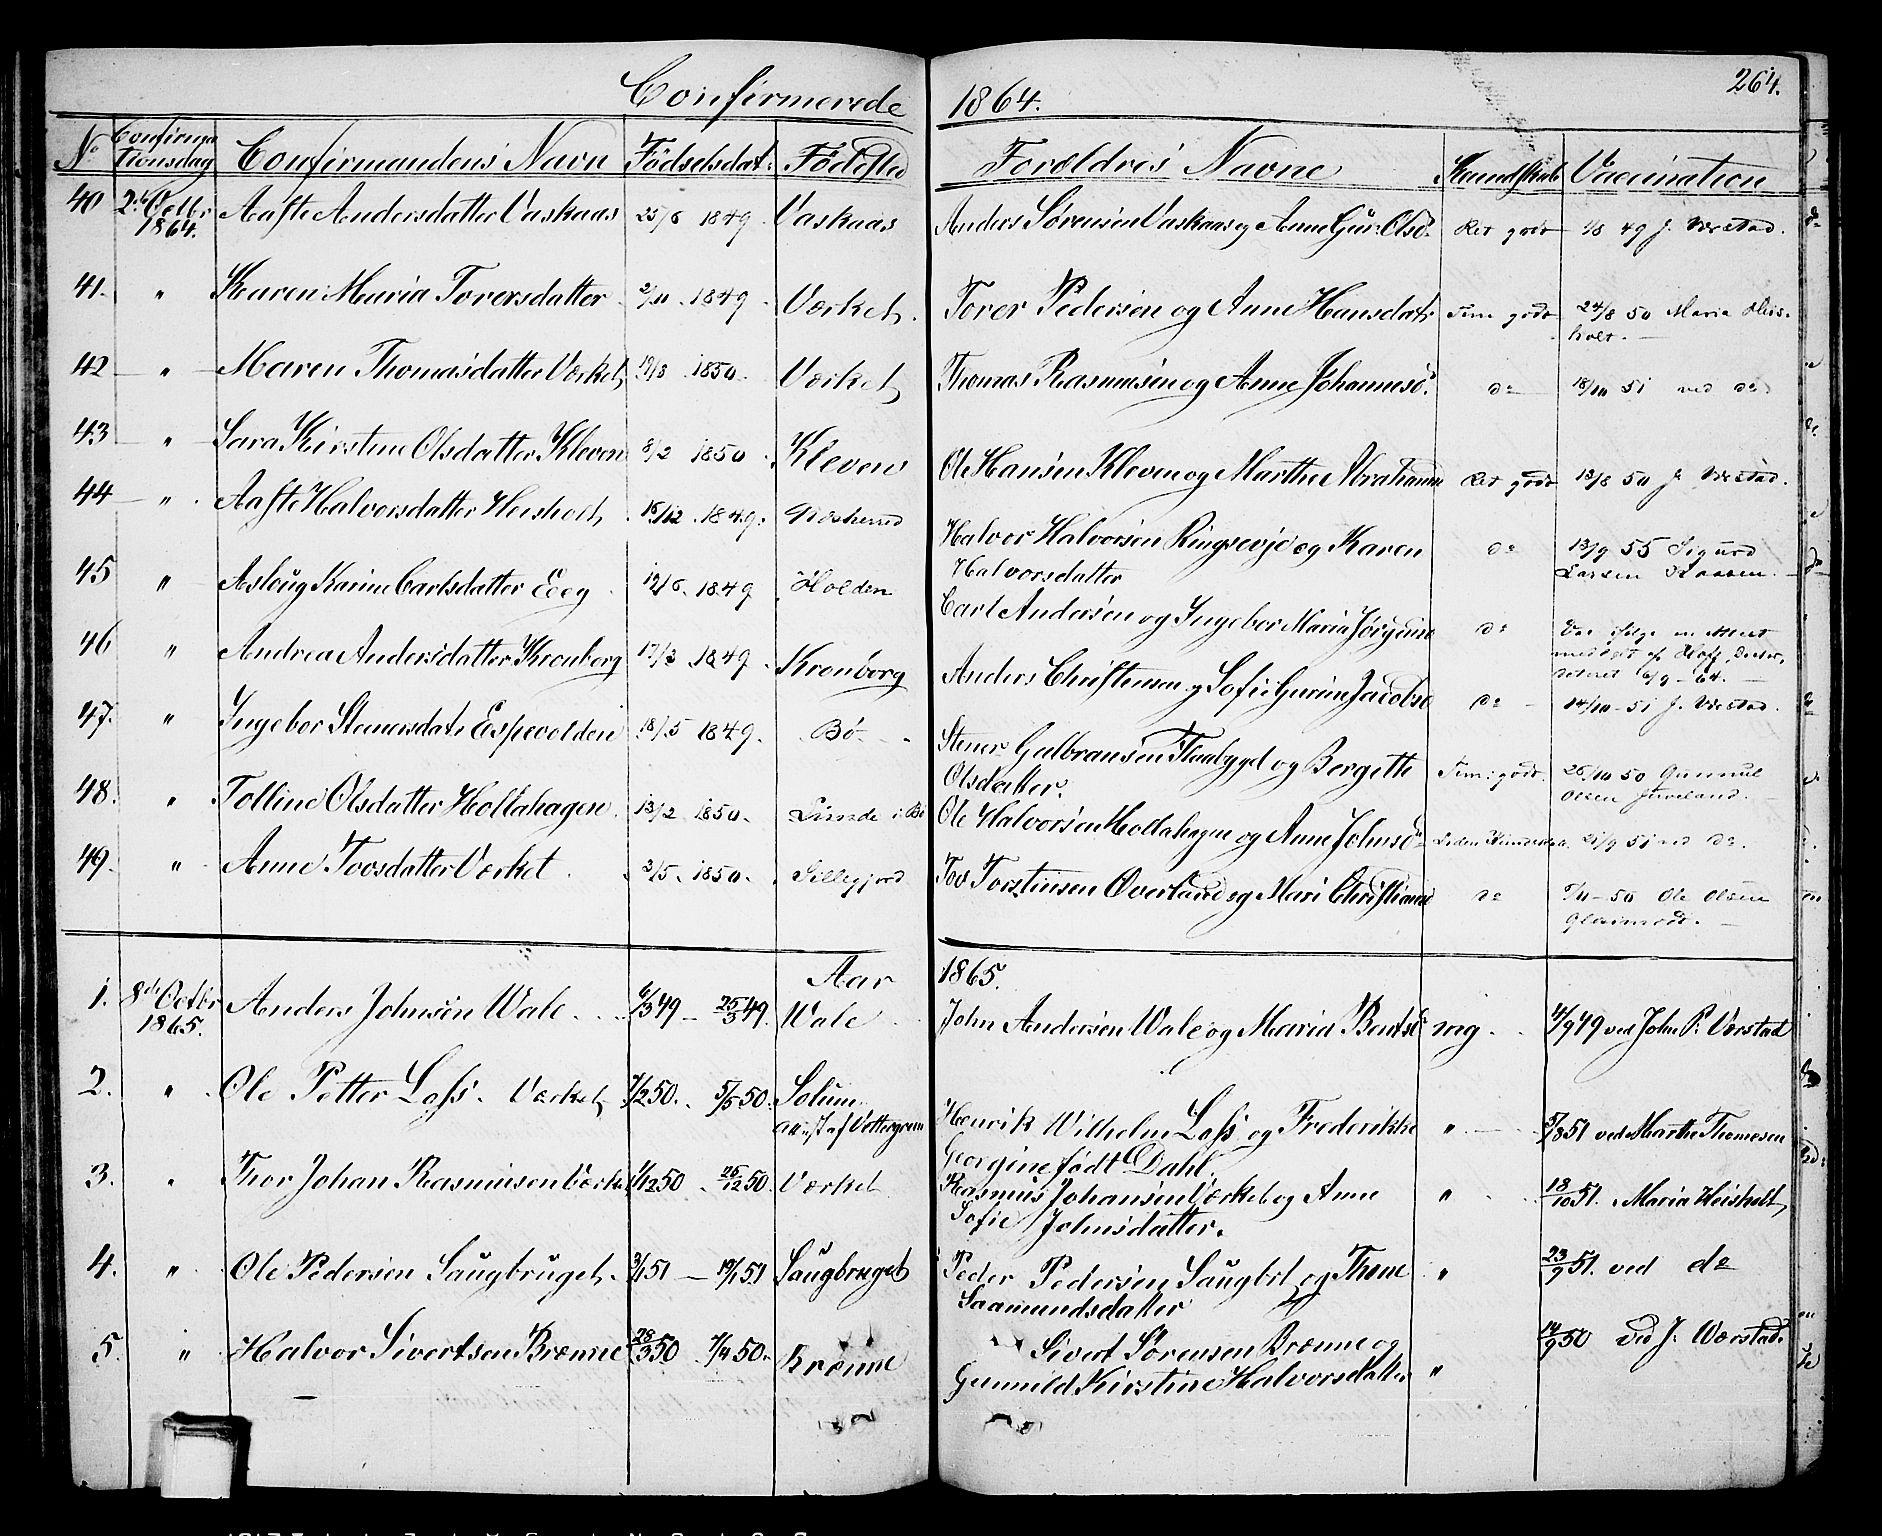 SAKO, Holla kirkebøker, G/Ga/L0003: Klokkerbok nr. I 3, 1849-1866, s. 264